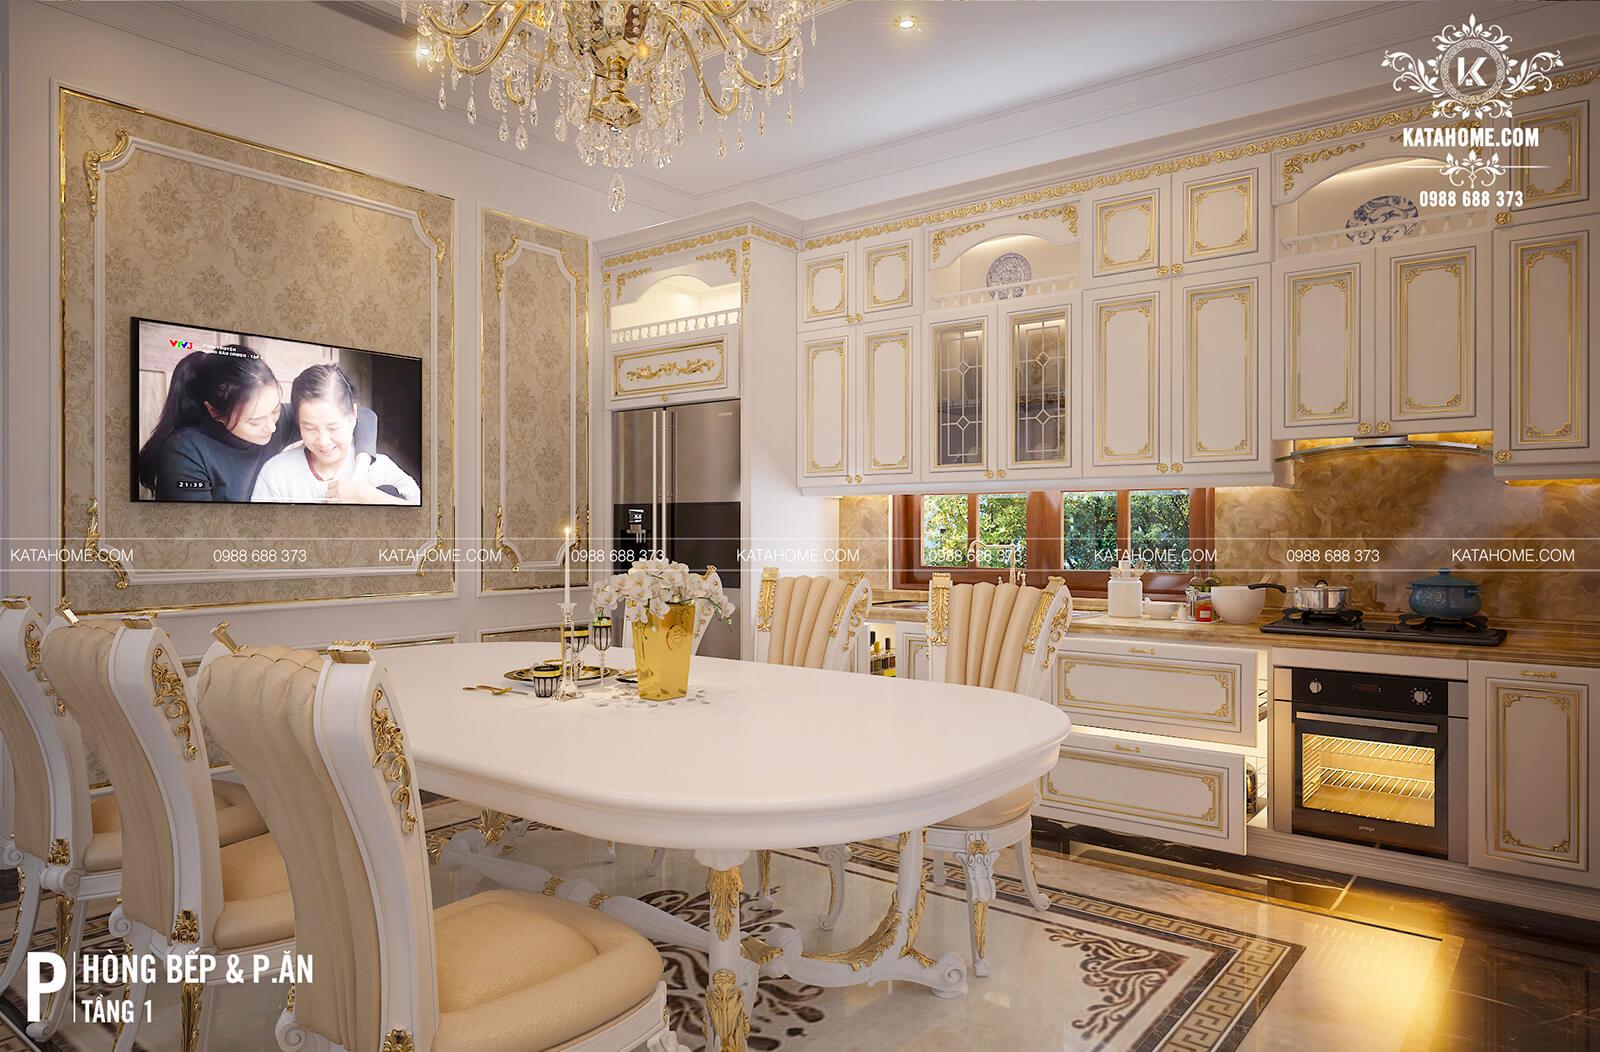 Nội thất phòng bếp mẫu biệt thự tân cổ điển đẹp 2 trệt 1 lầu tại Thành phố Hồ Chí Minh